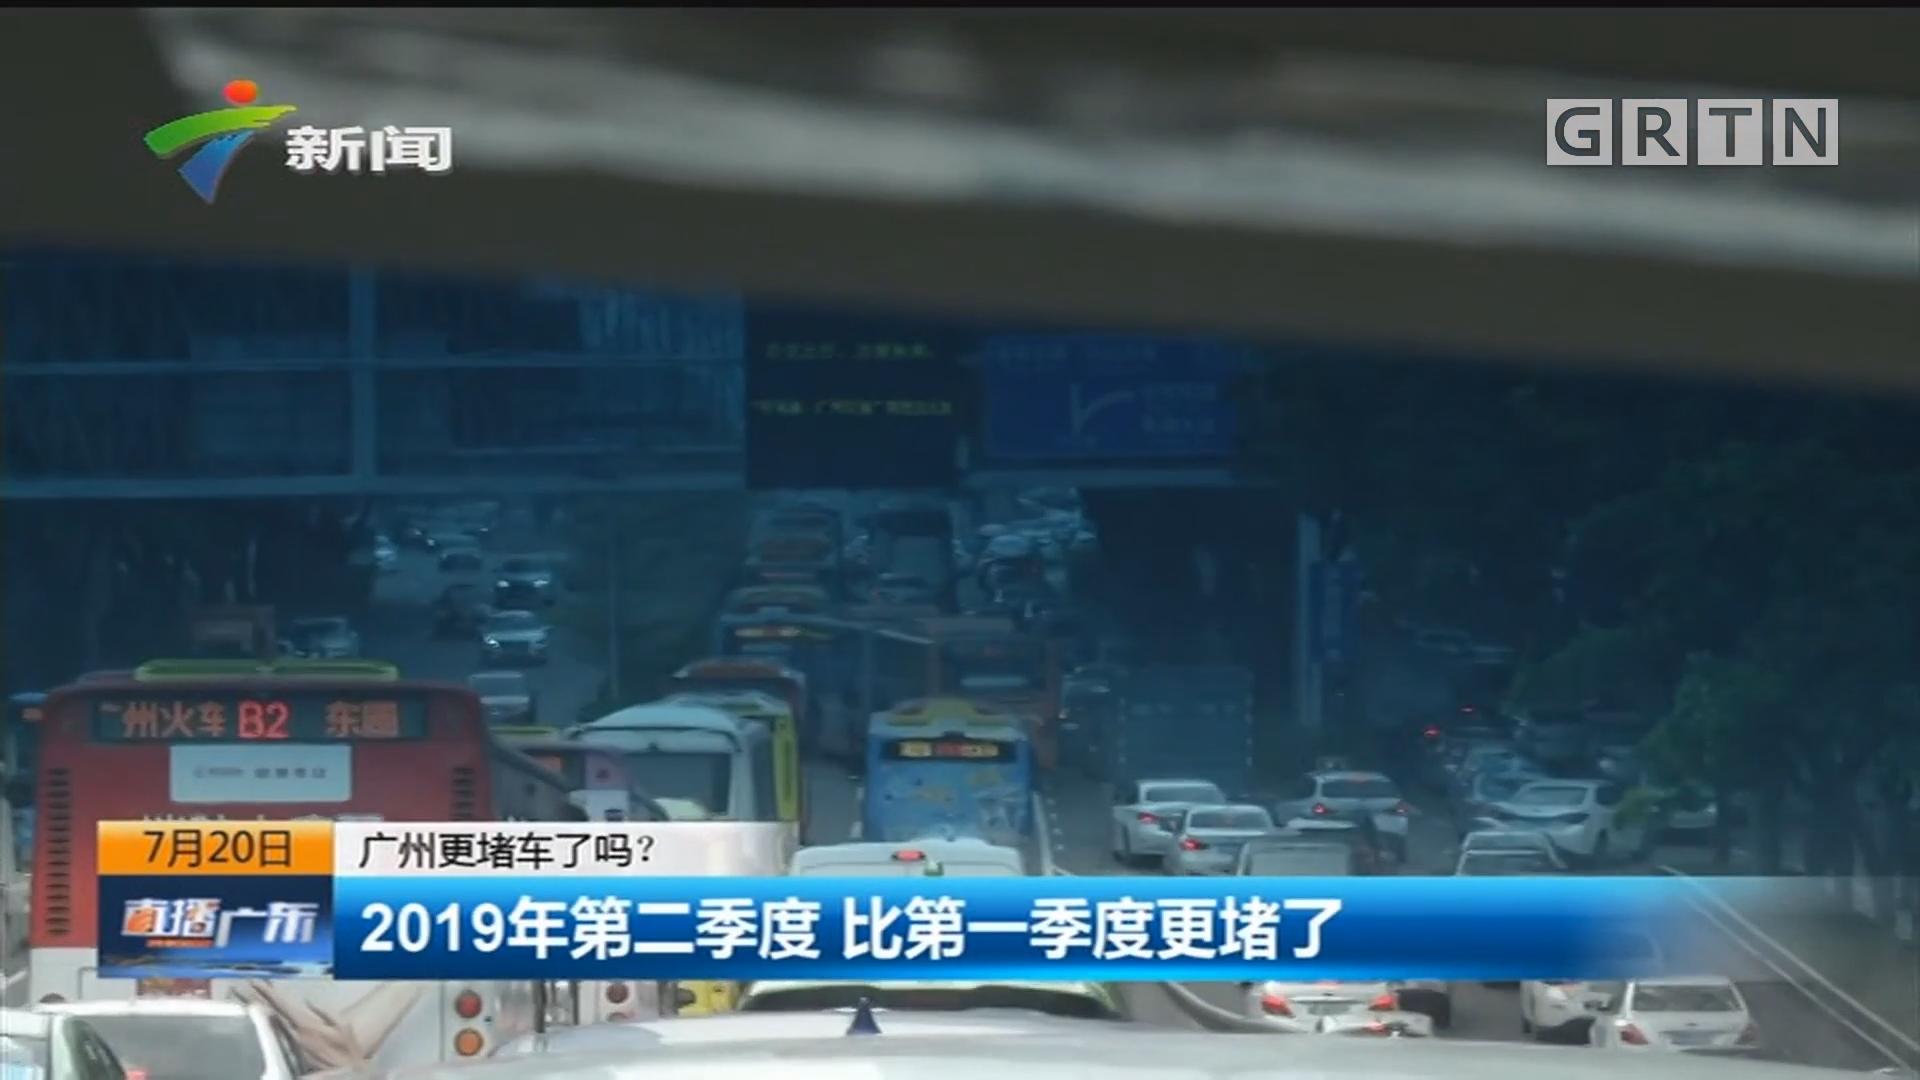 广州更堵车了吗?2019年第二季度 比第一季度更堵了